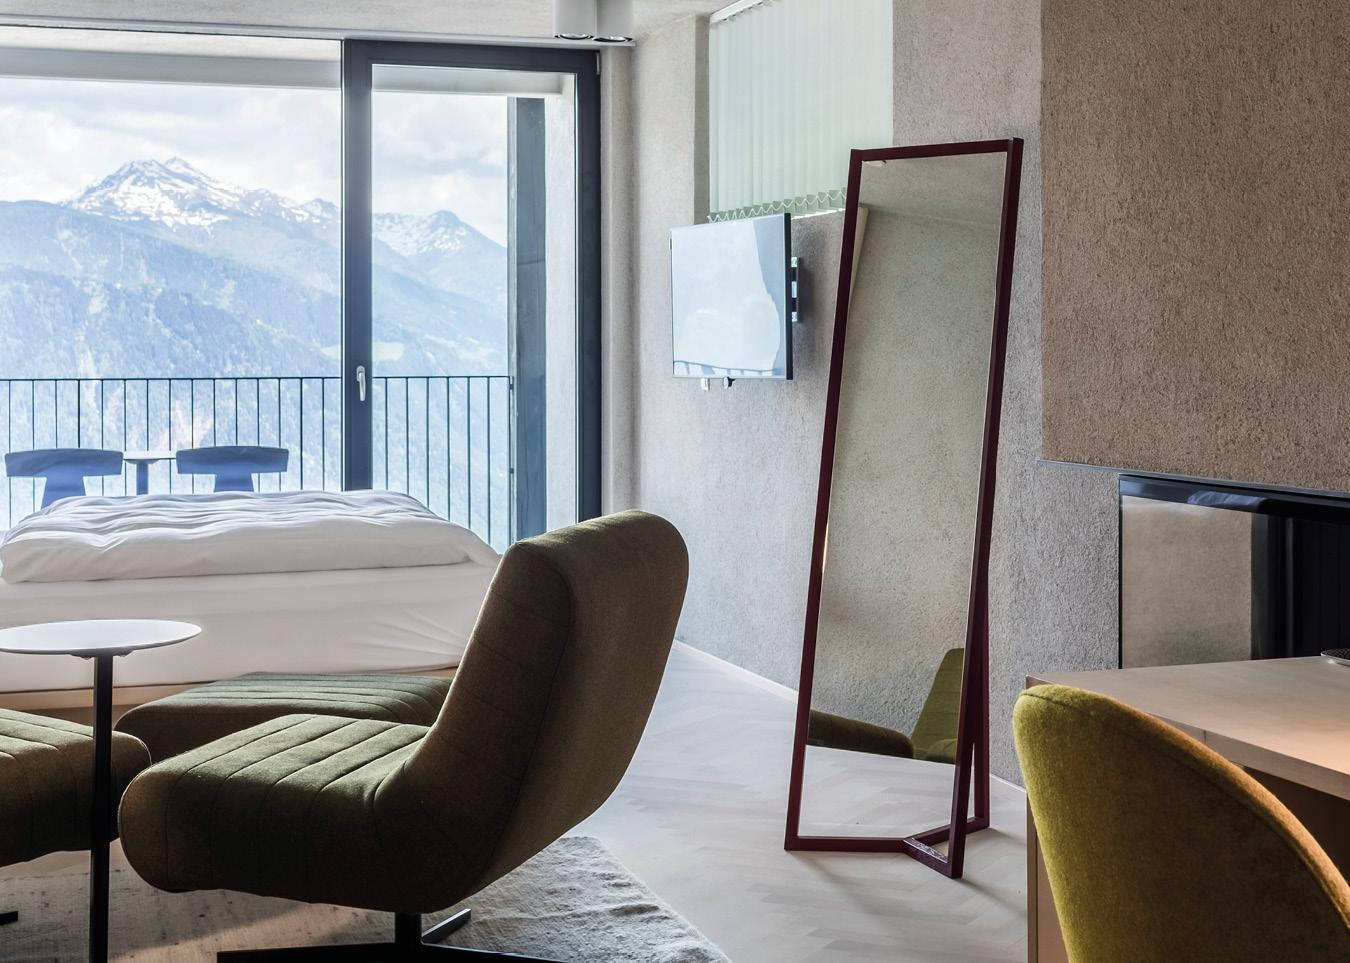 Architekten Hotel Miramonti Meran